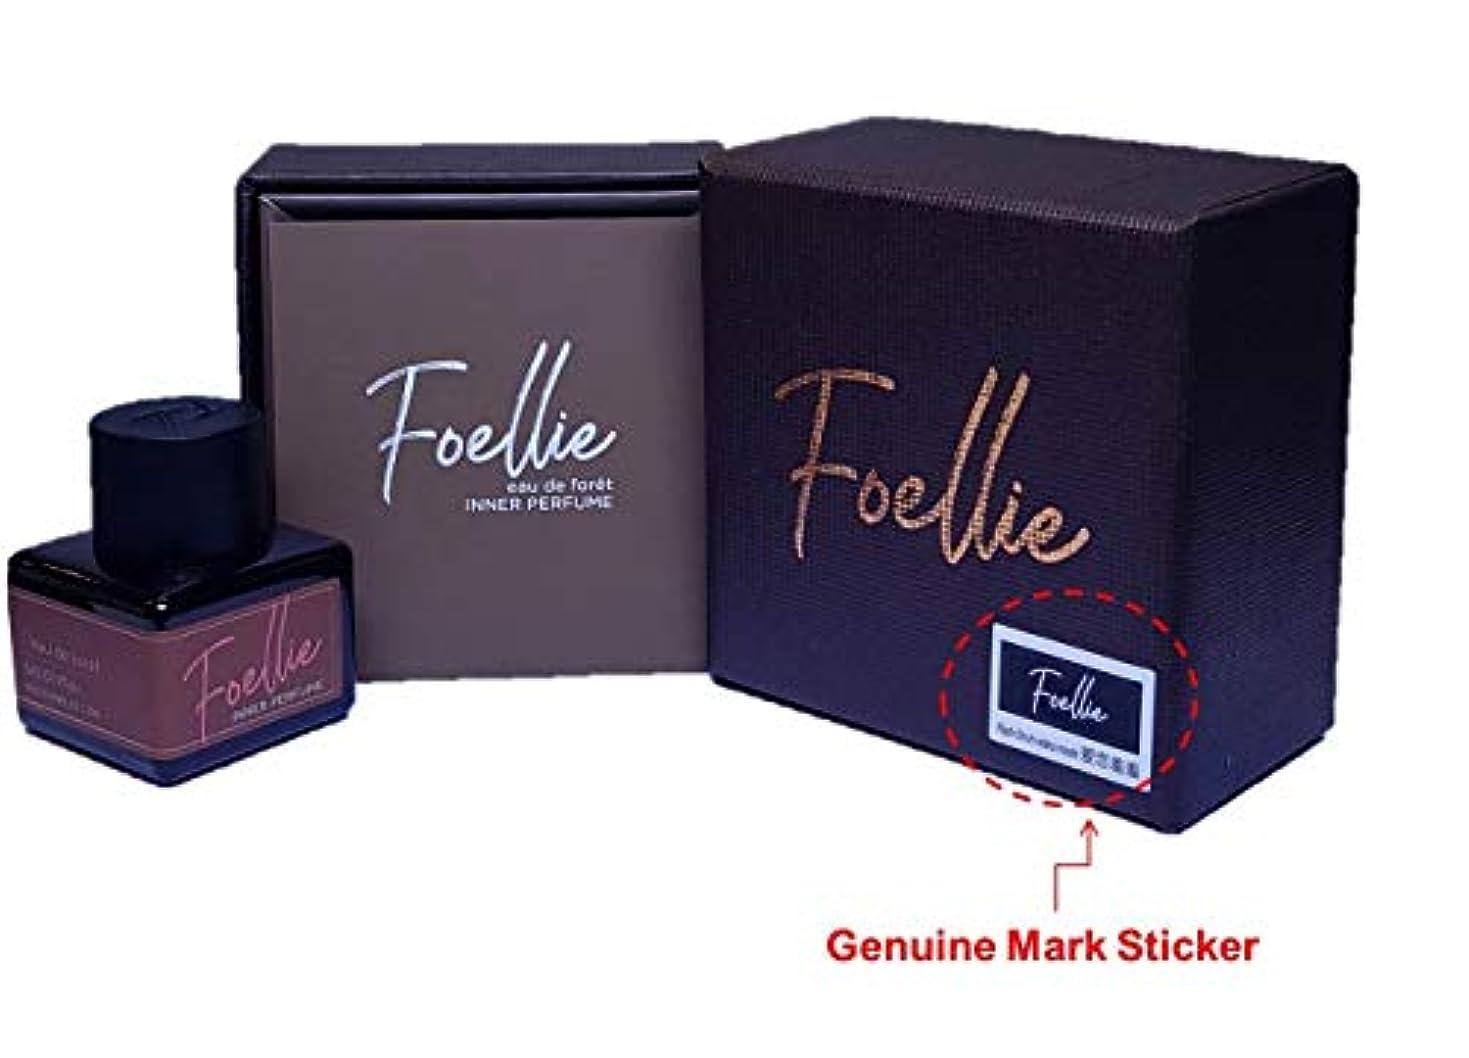 顕著ビジタートークン[フォエリー(FOELLIE)] eau de foret オードフォーレ – フェミニン、インナービューティー香水(下着用)、ウッディで爽快な森林のような香水 5ml(0.169 fl oz)